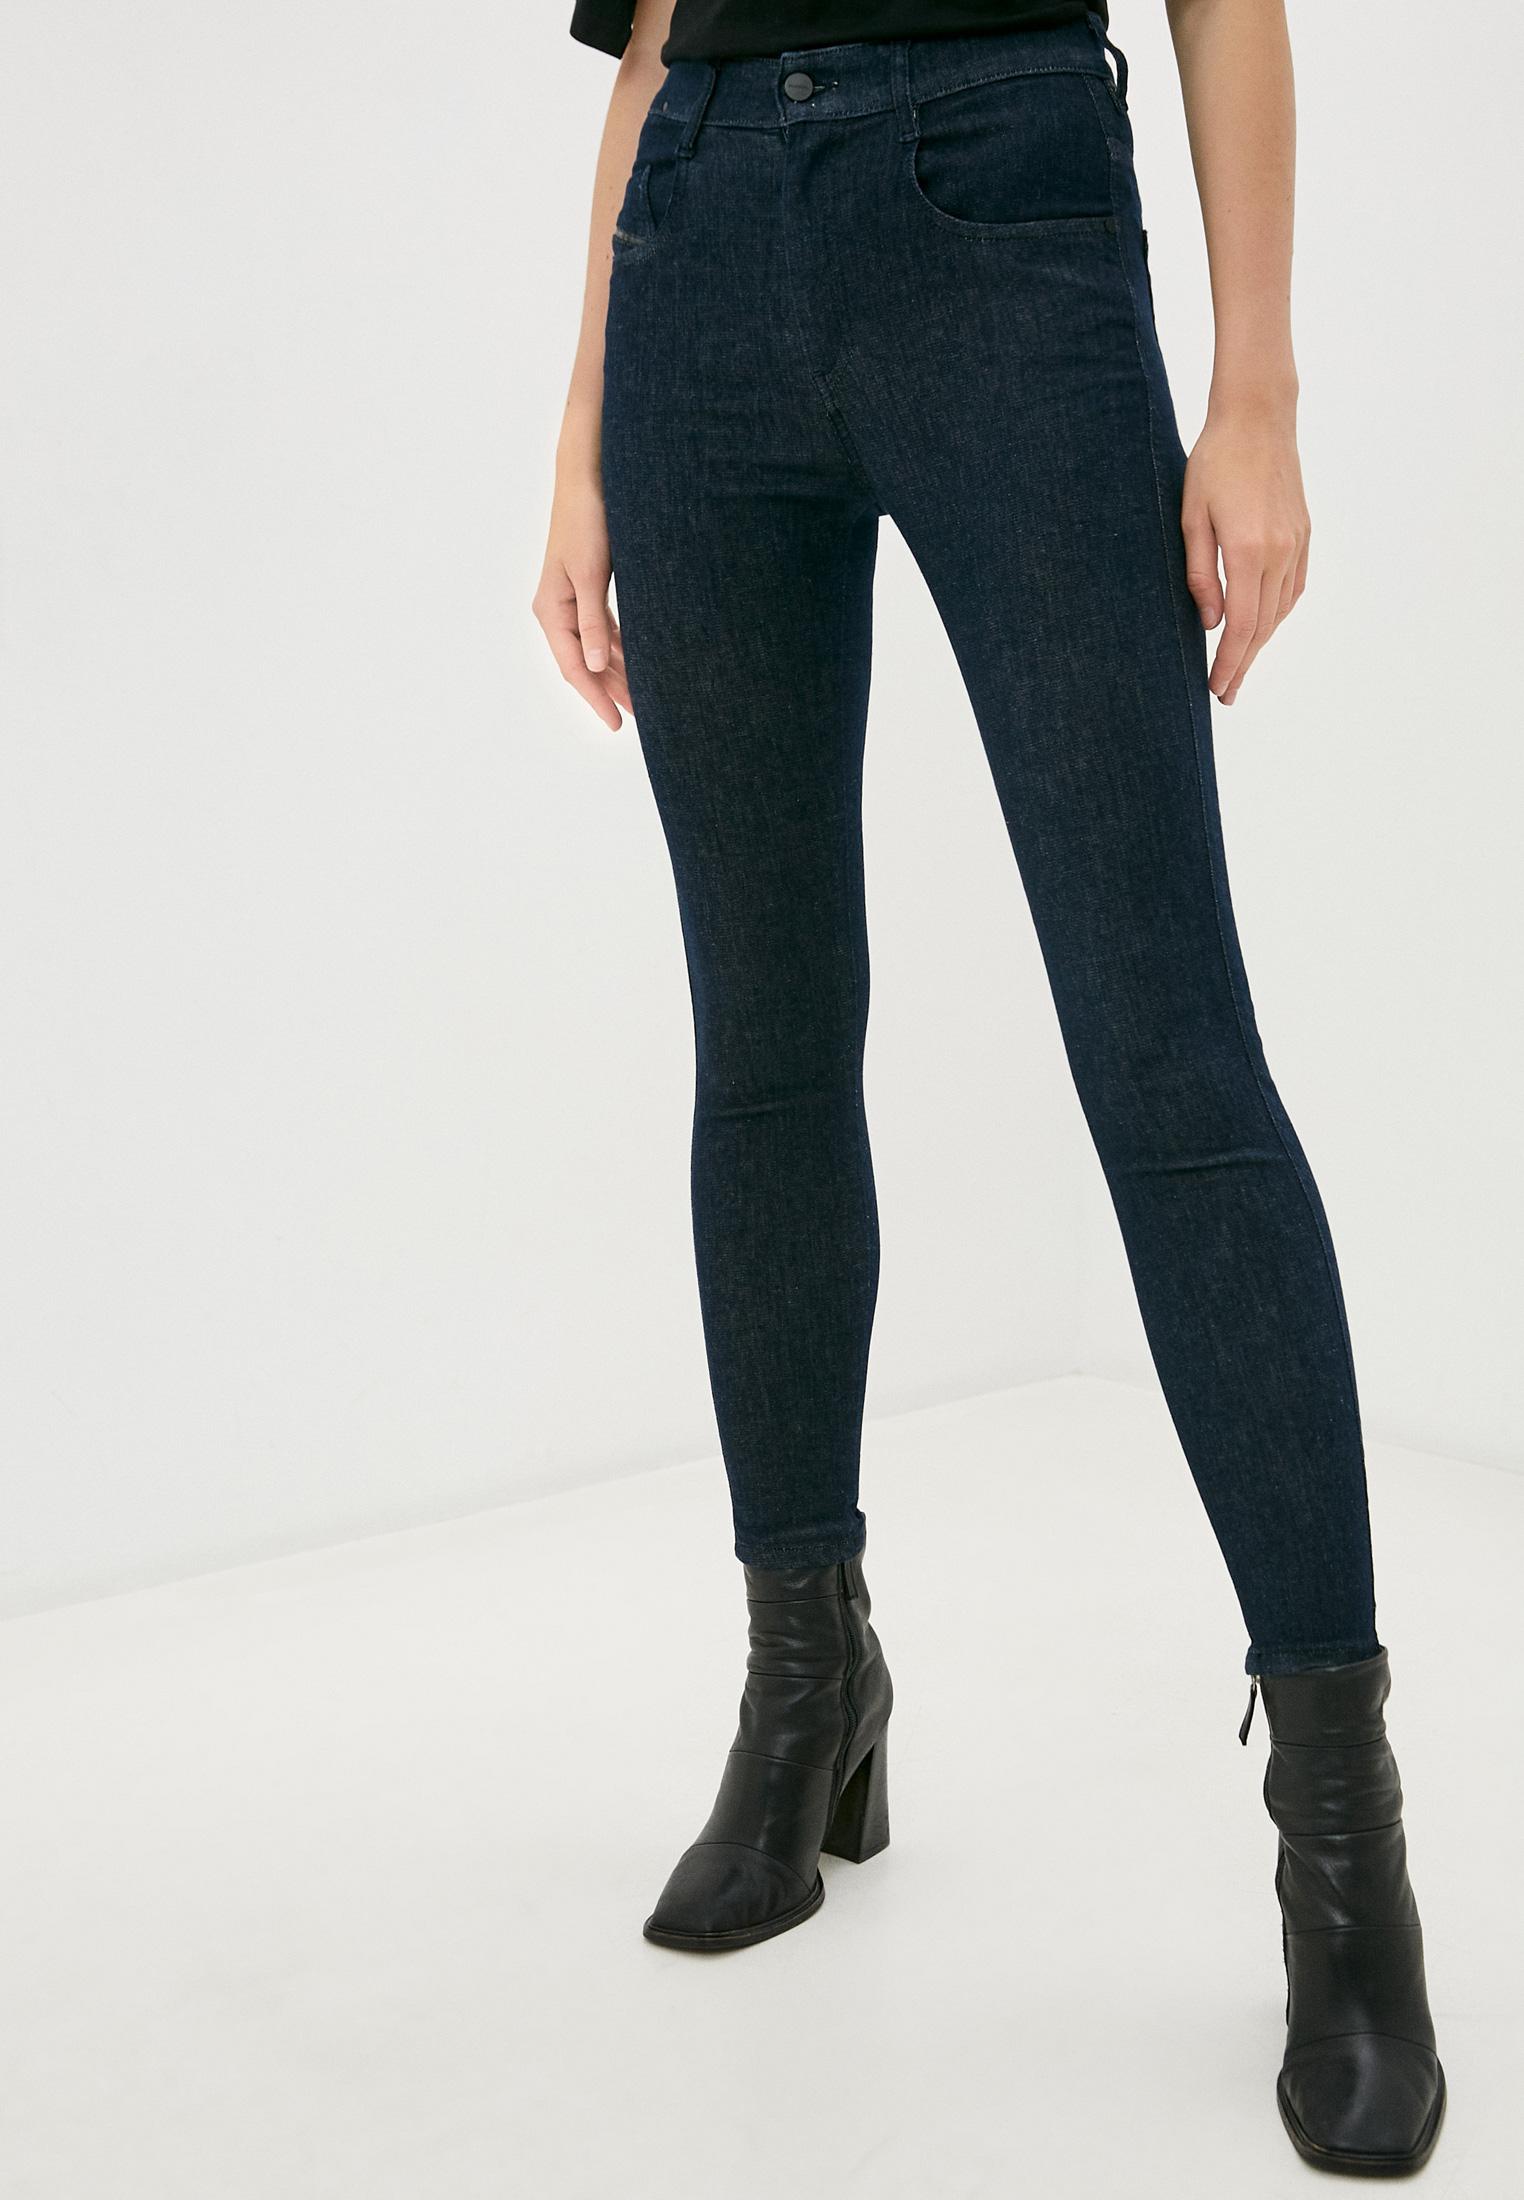 Зауженные джинсы Diesel (Дизель) 00SMLX089AB